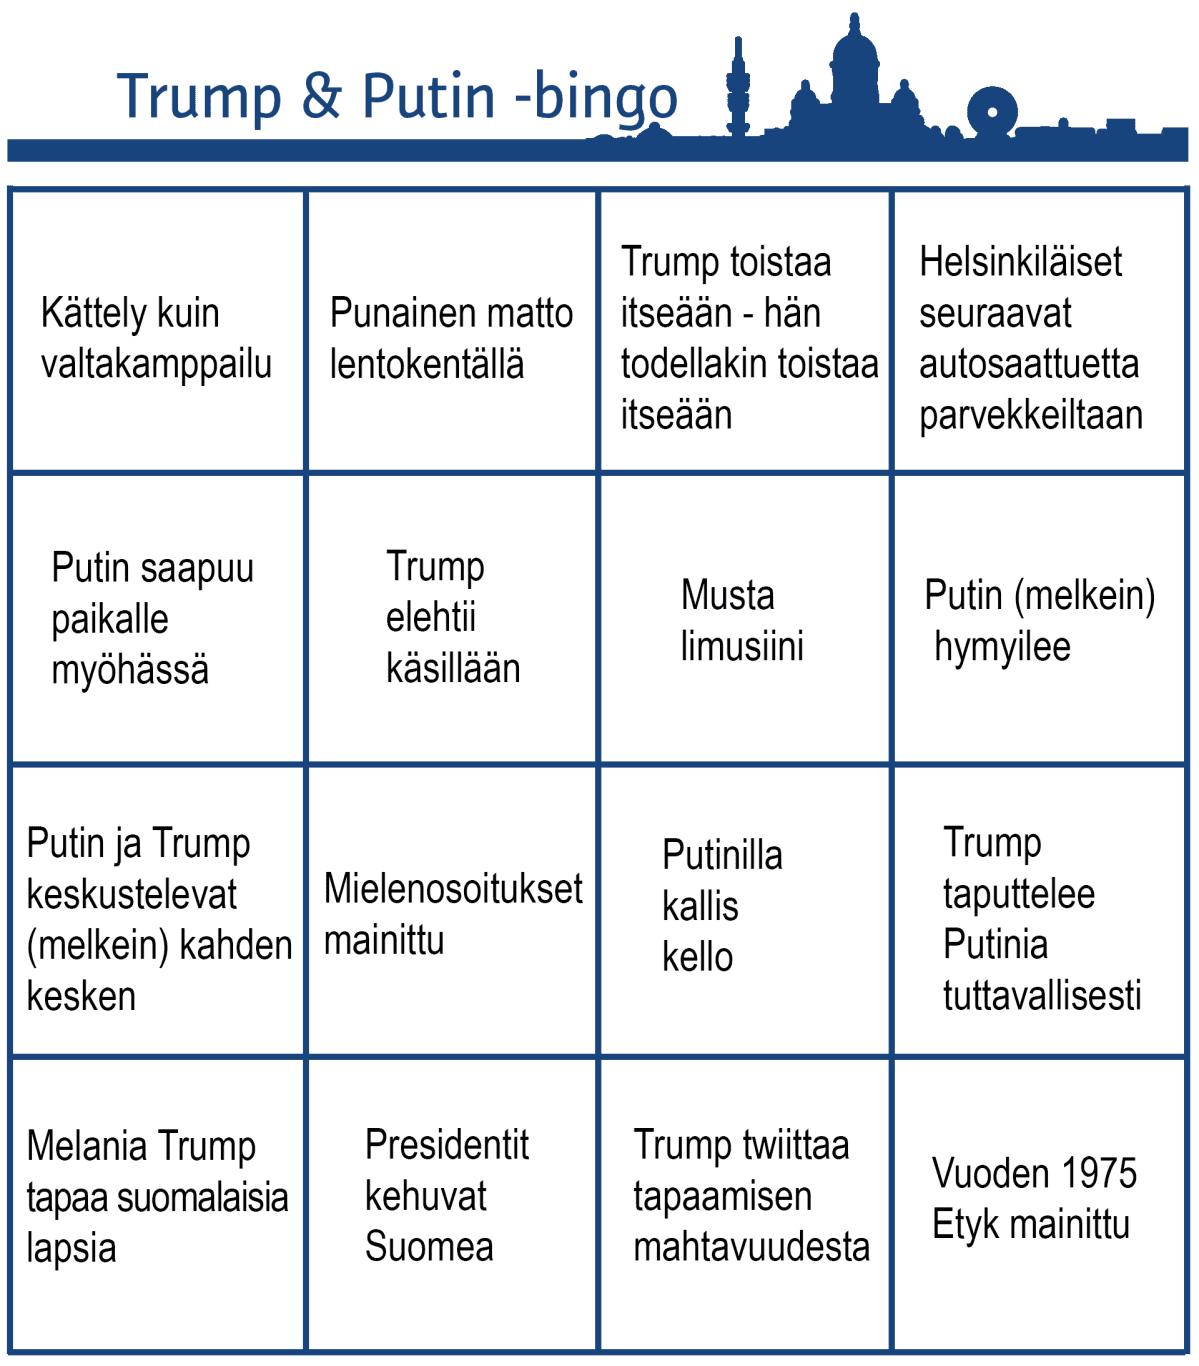 Bingolomake Donald Trumpin ja Vladimir Putinin tapaamisesta